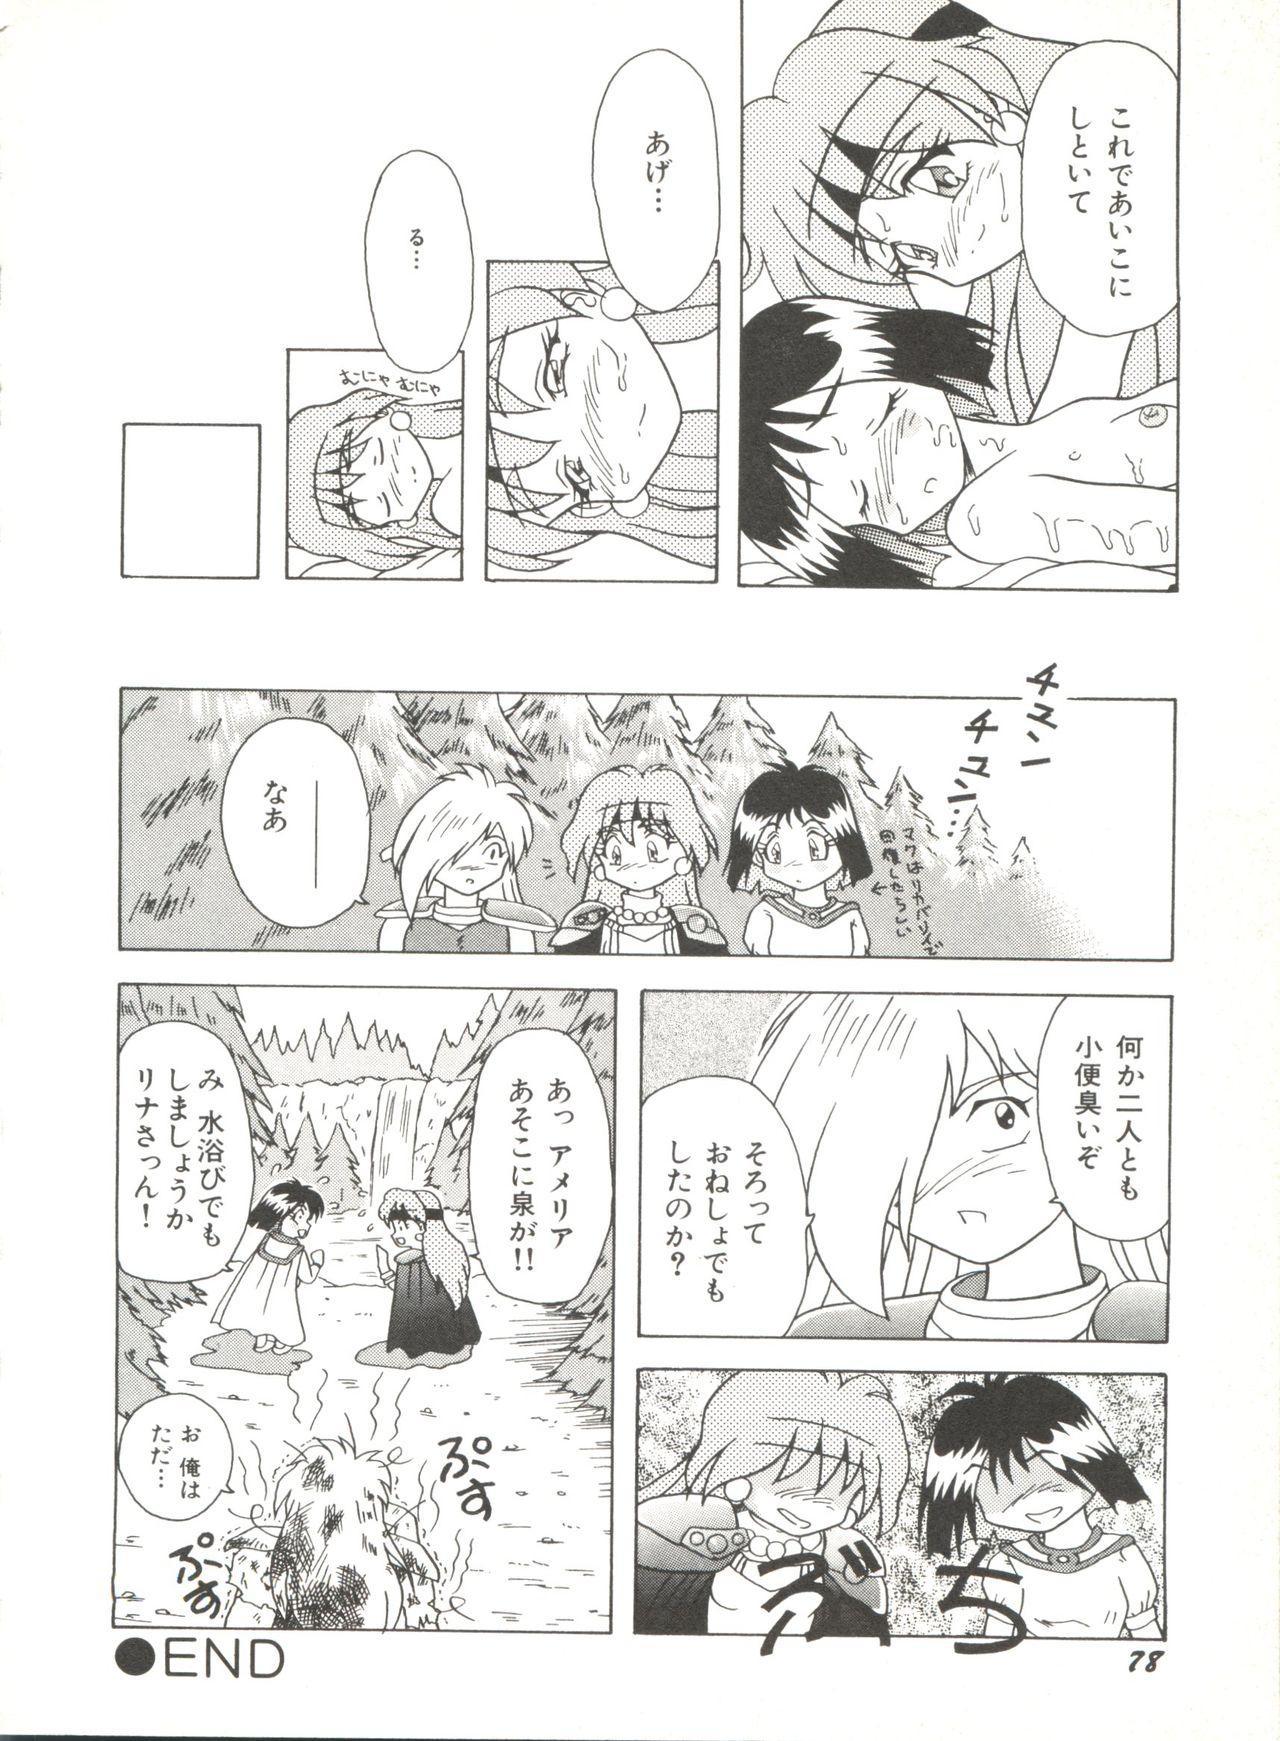 Bishoujo Doujinshi Anthology 6 81